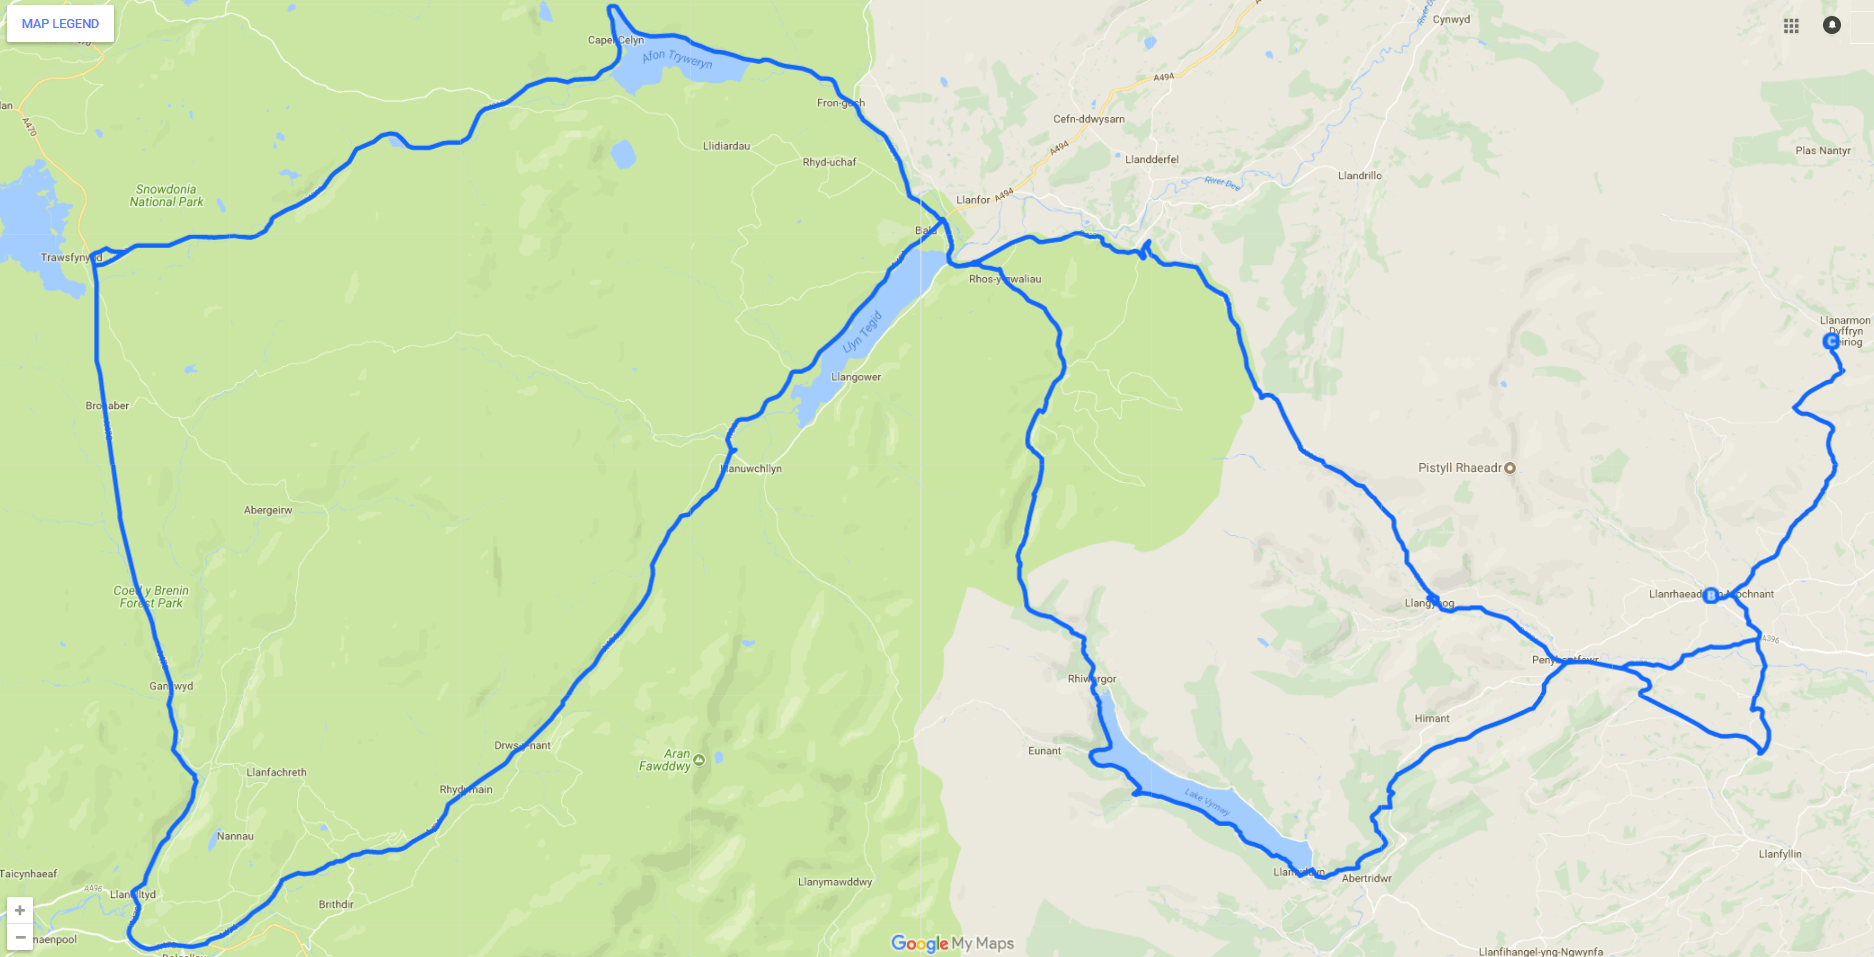 Four lake tour